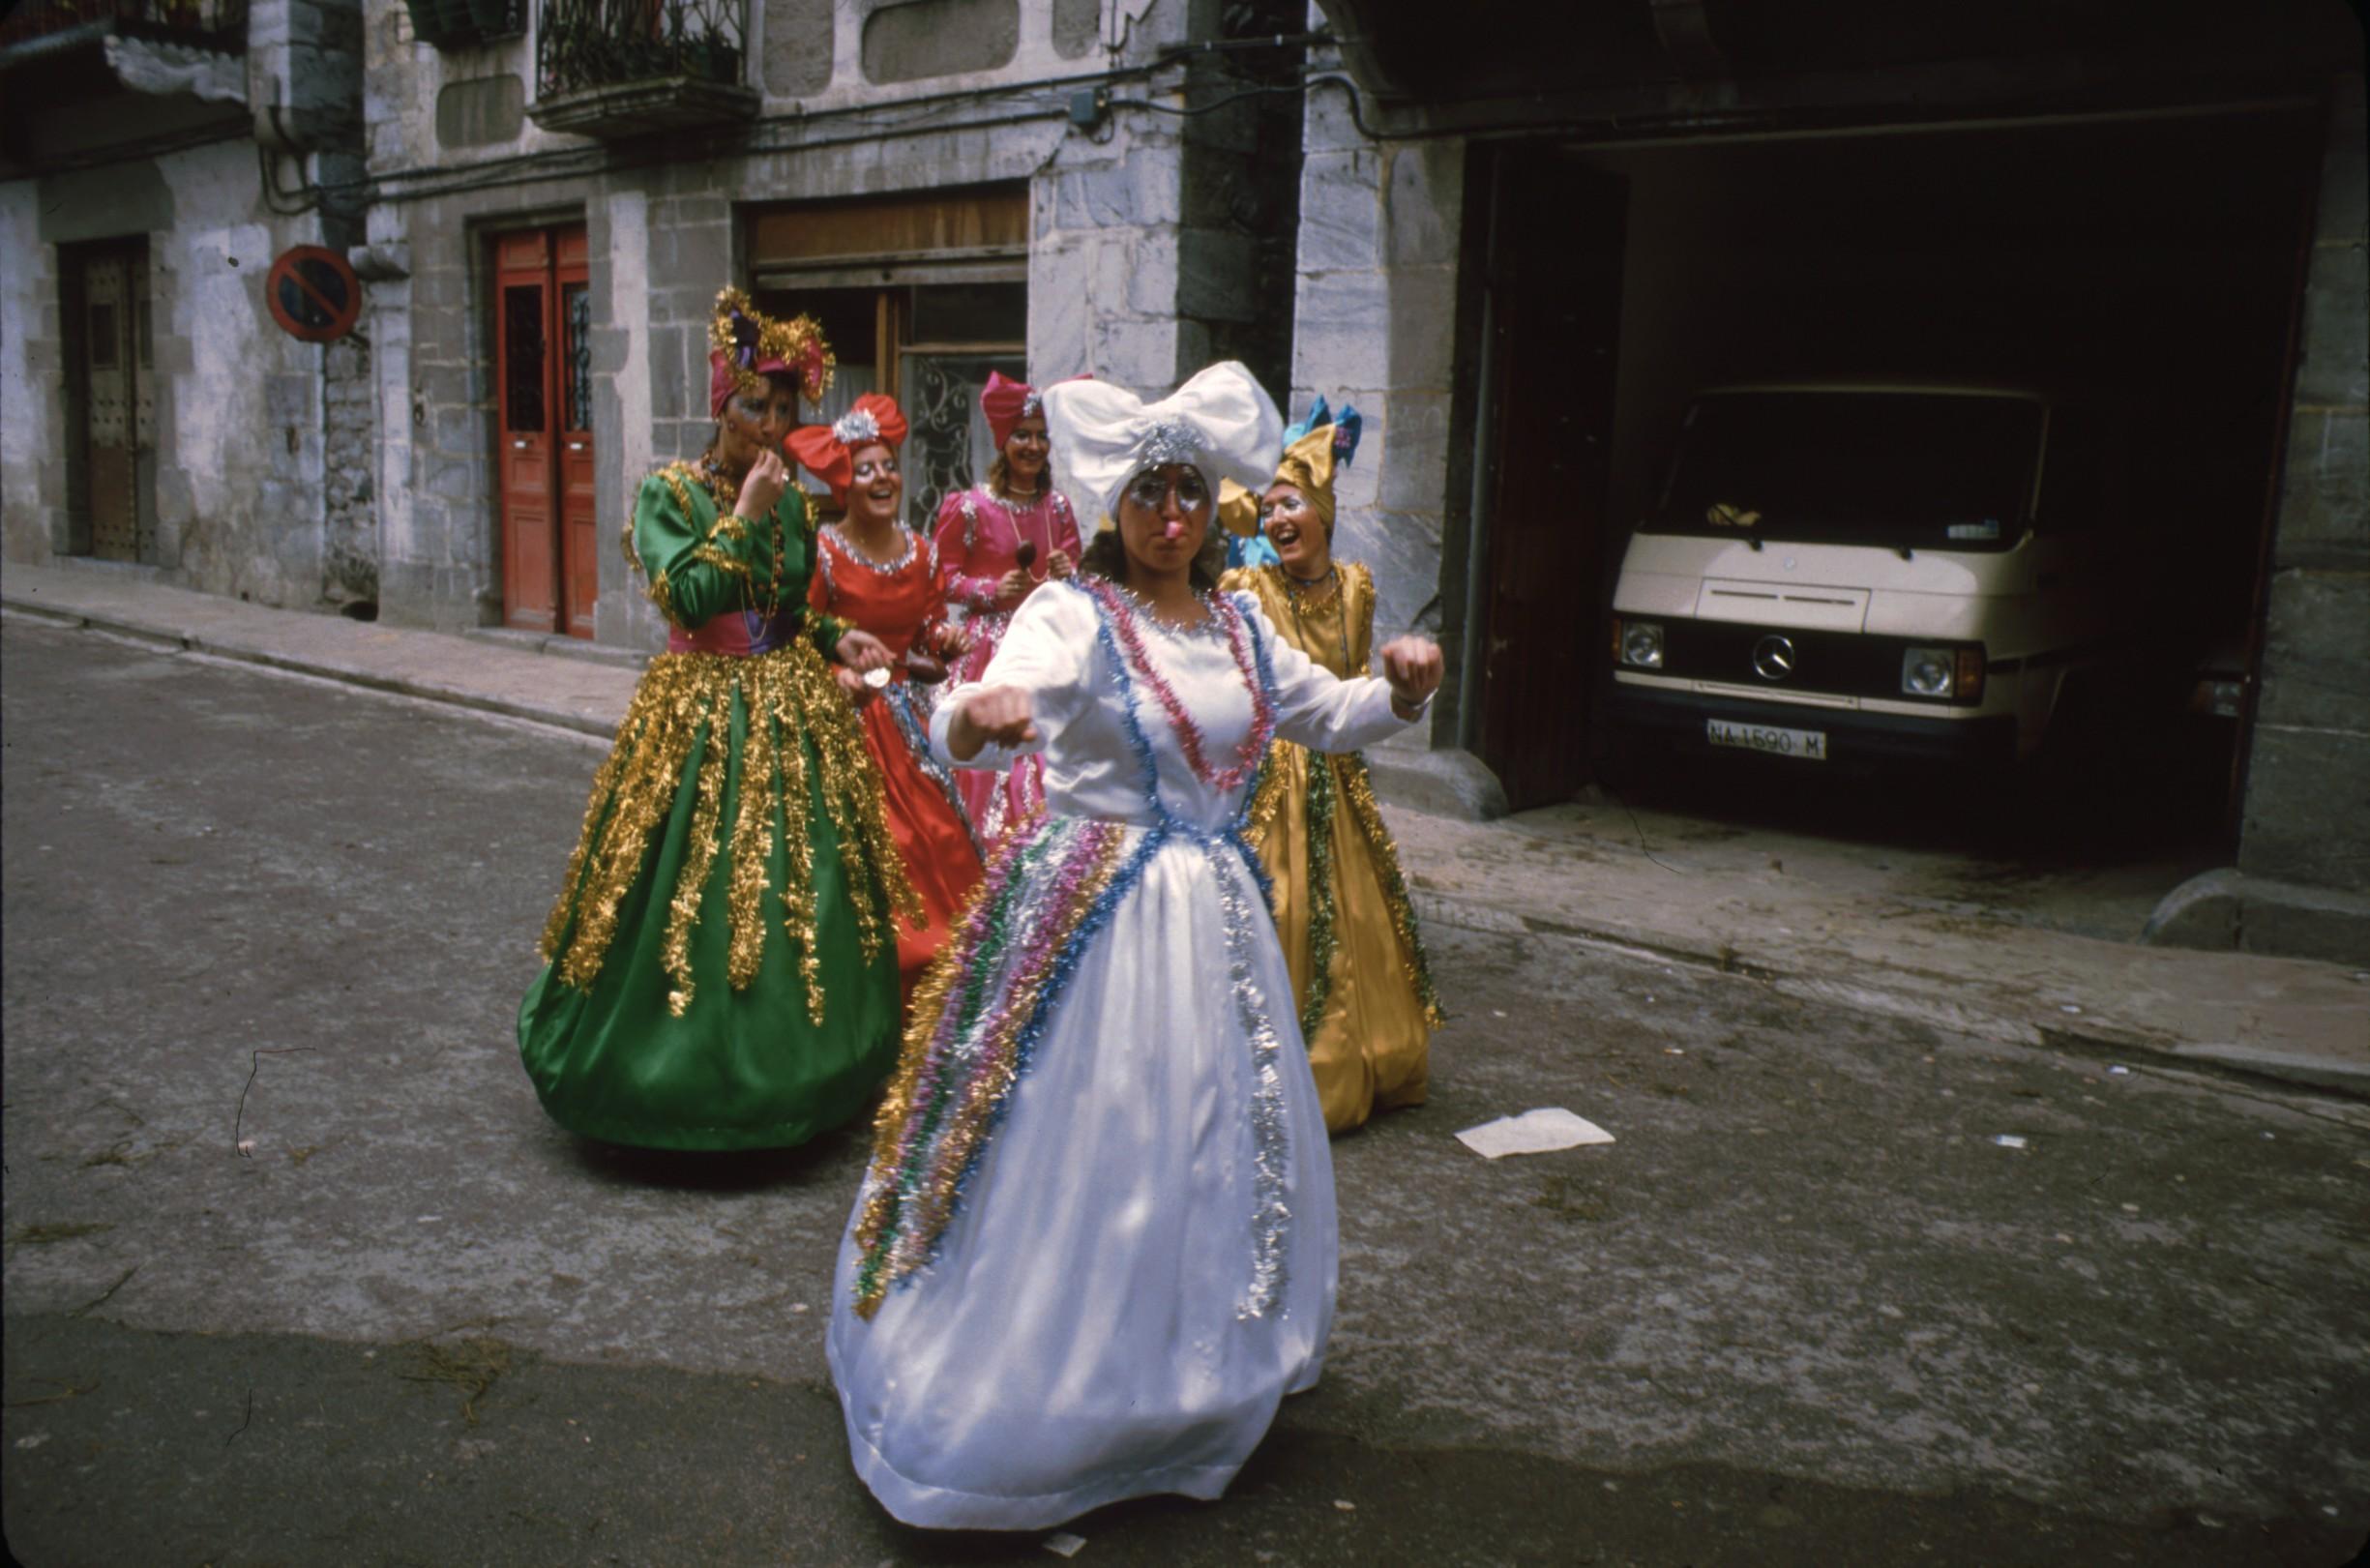 carnaval_lesaka_108.jpg